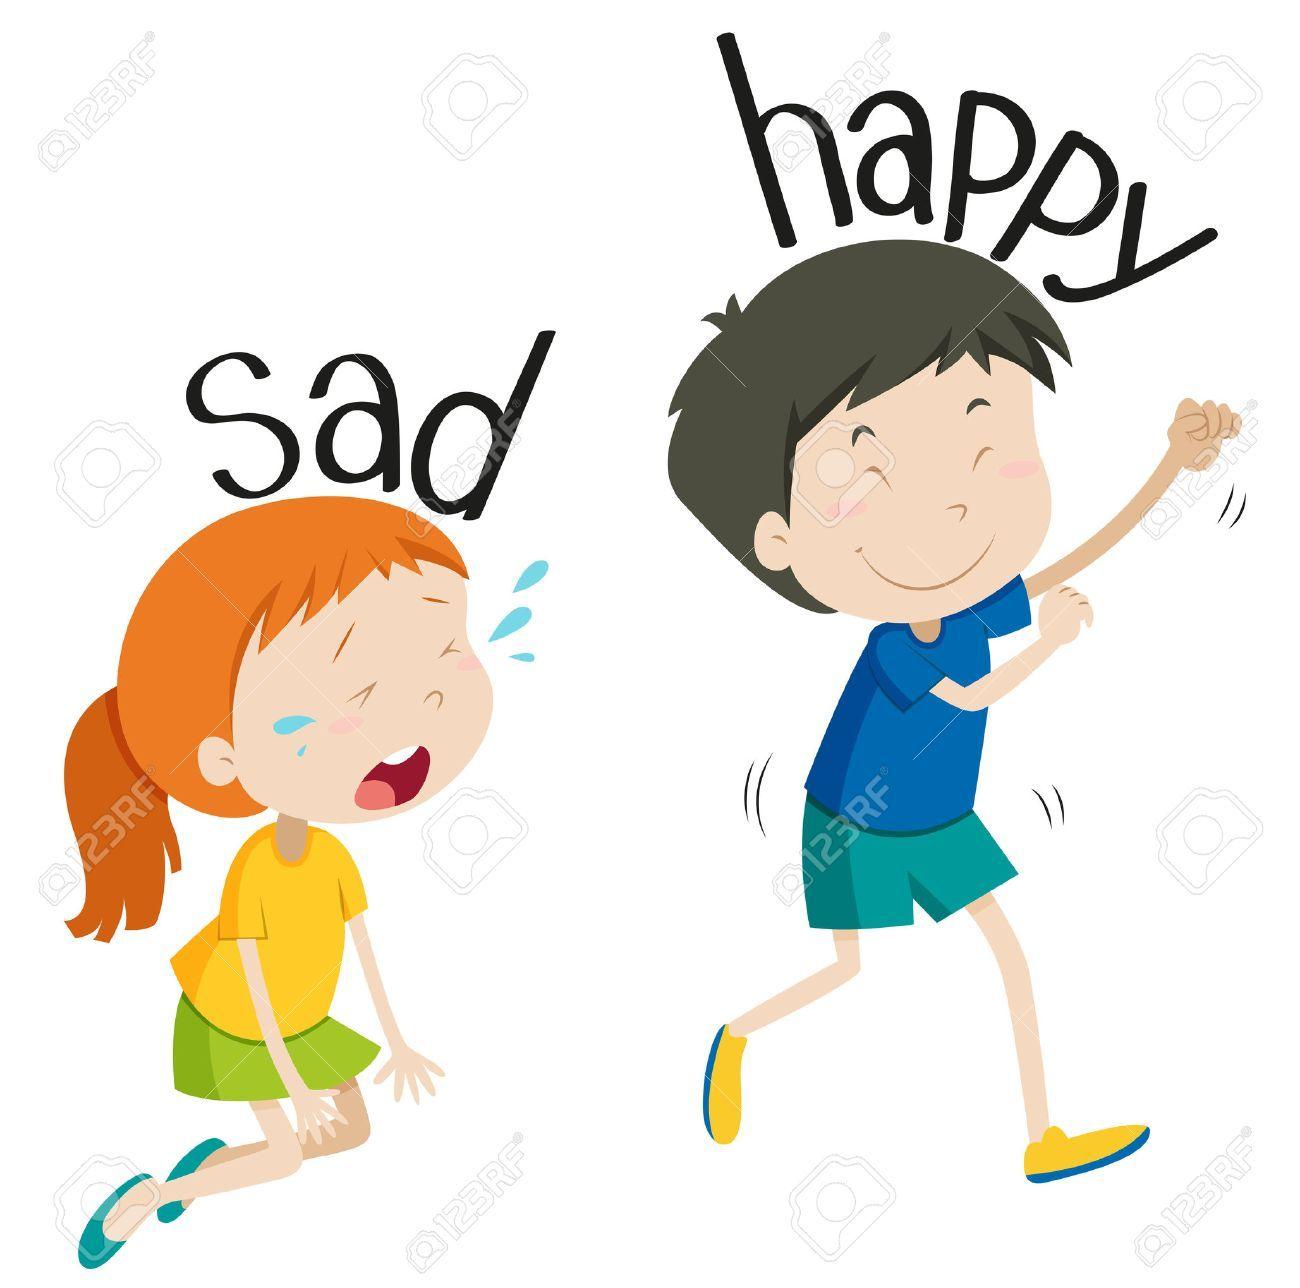 Happy sad clipart 4 » Clipart Portal.